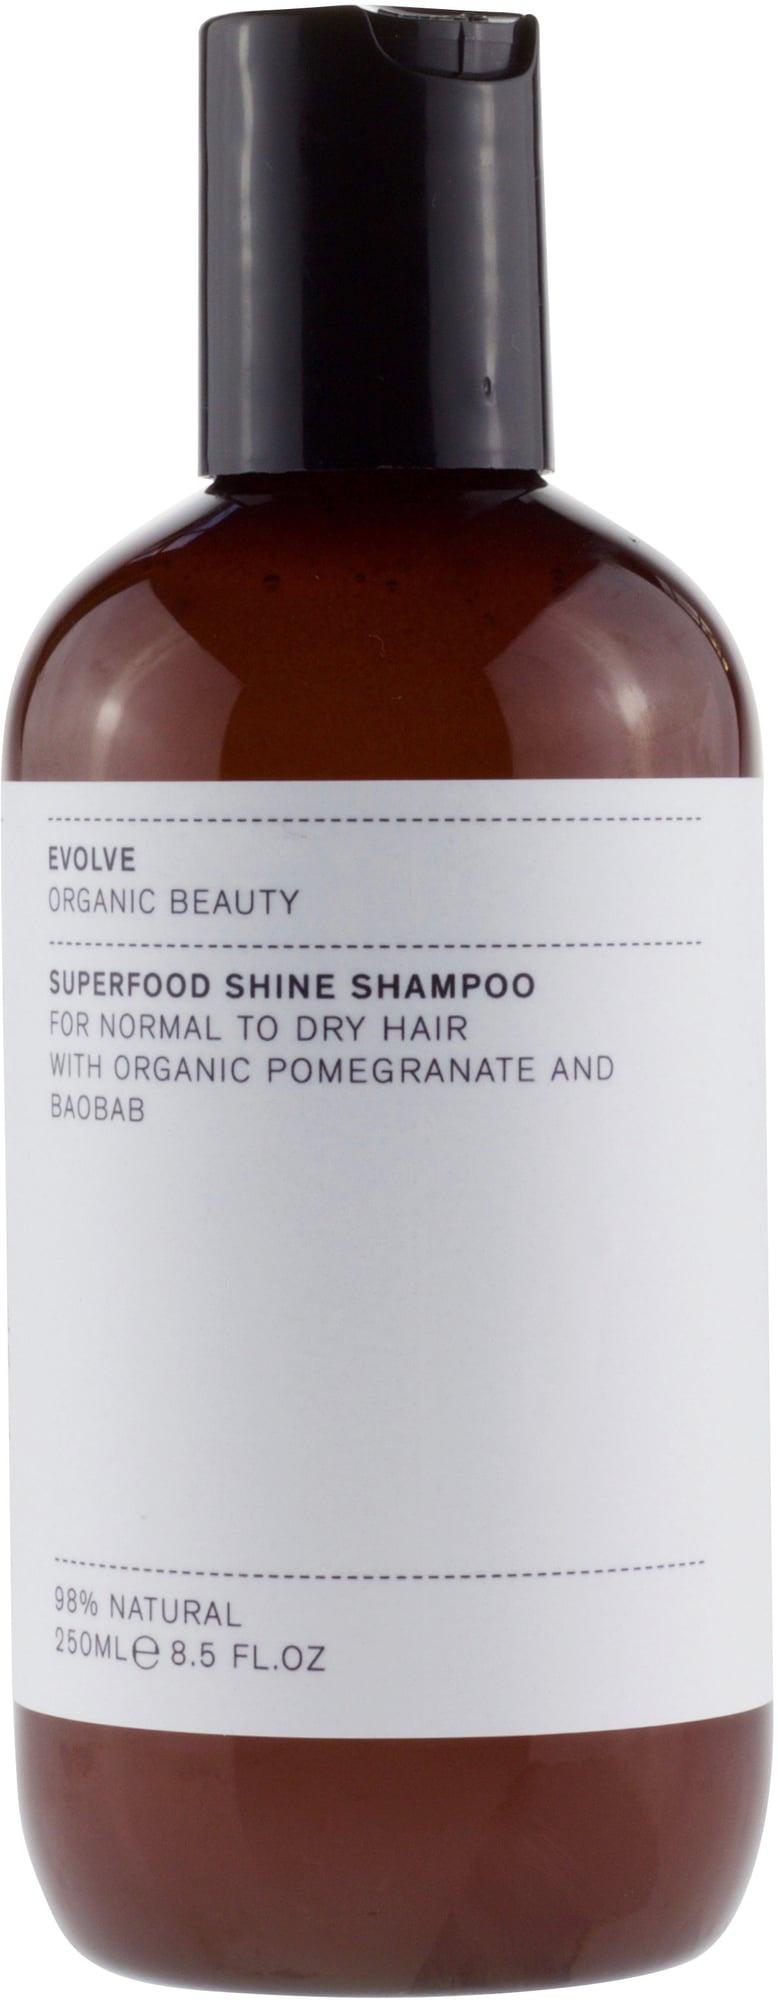 Evolve Organic Beauty Superfood Shine Shampoo